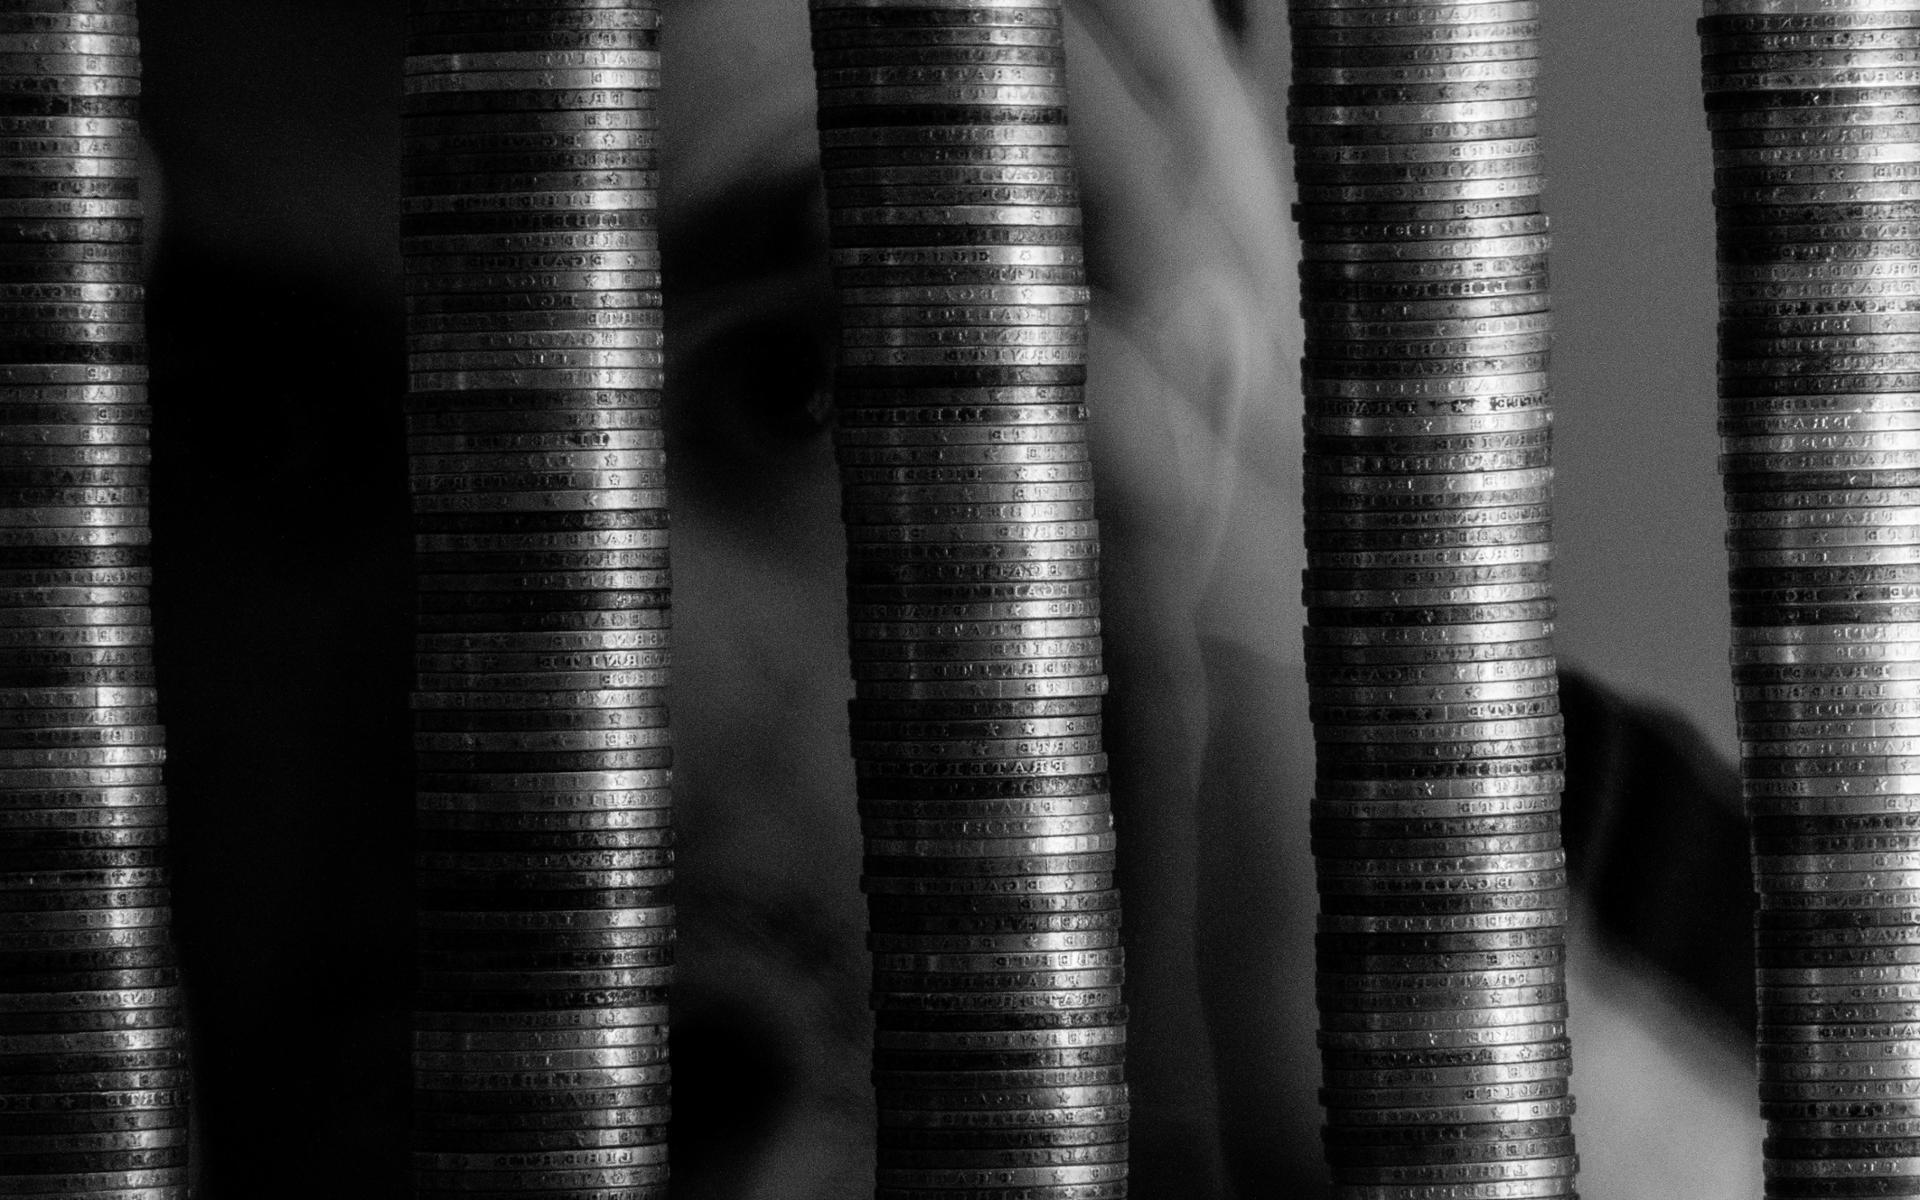 Prisoner of money